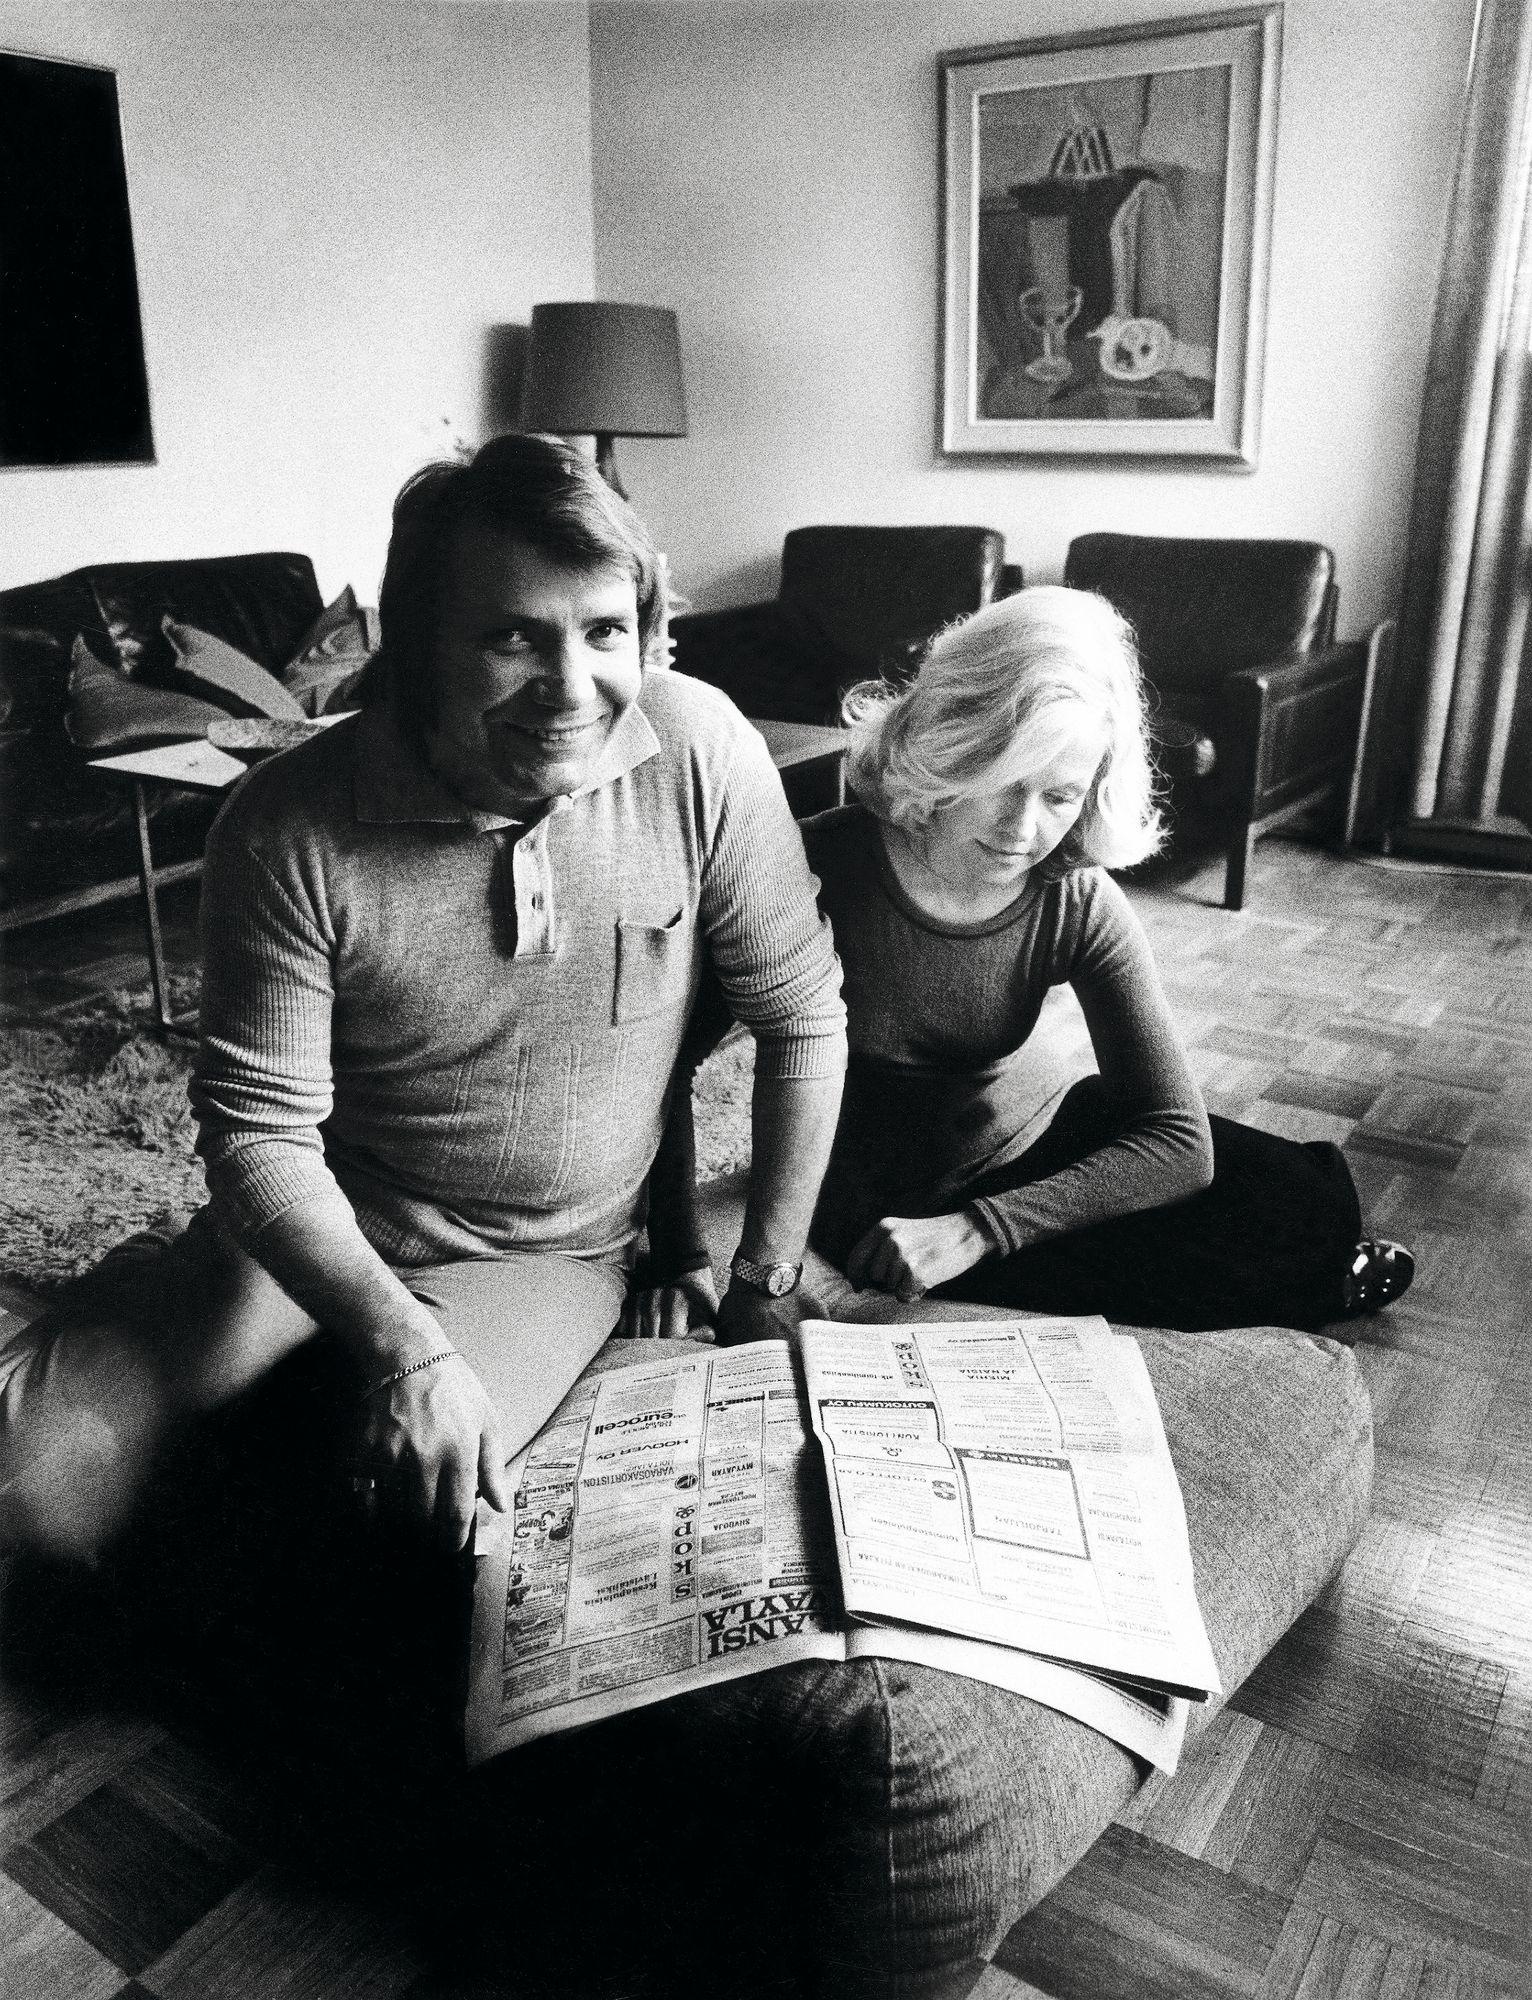 """Eino ja Marjatta Grön ovat olleet naimisissa vuodesta 1962. """"Oma perheeni on ollut suurin taustavoimani ja tukeni"""", Grön kiittää. Kuvassa pariskunta yhdessä Espoon-kodissaan vuonna 1974. © Mauno Hämäläinen/SKOY"""